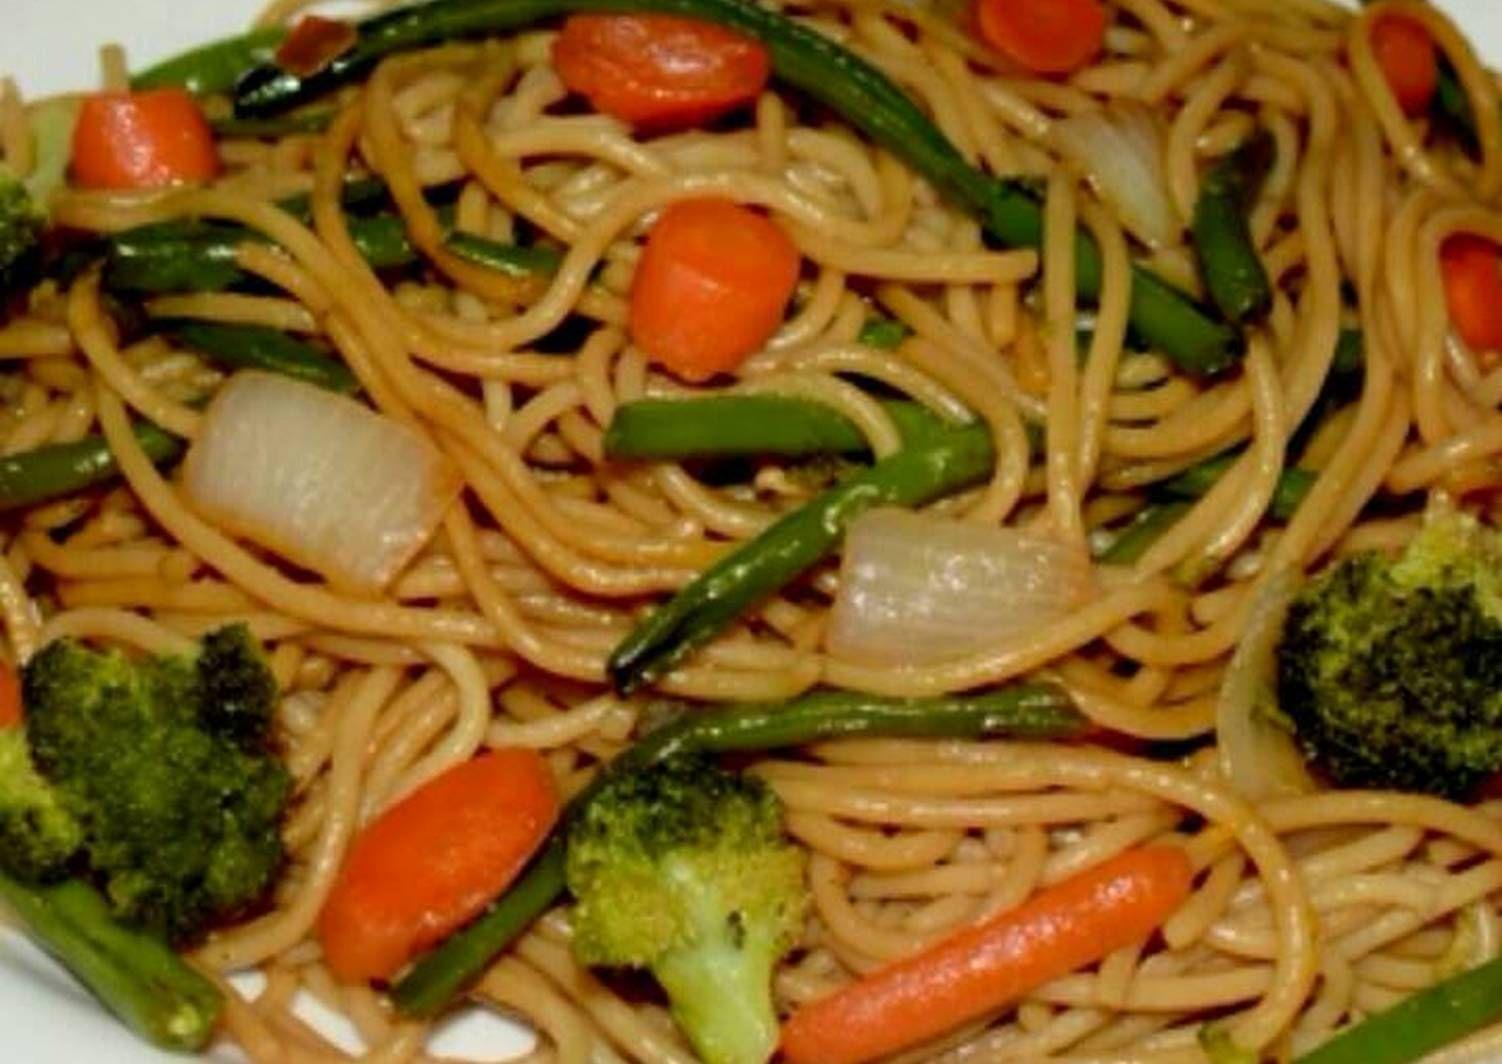 Fideos Chinos Con Verduras Receta De Pamela Salvador Receta Fideos Chinos Receta Espaguetis Vegetarianos Recetas Con Fideos